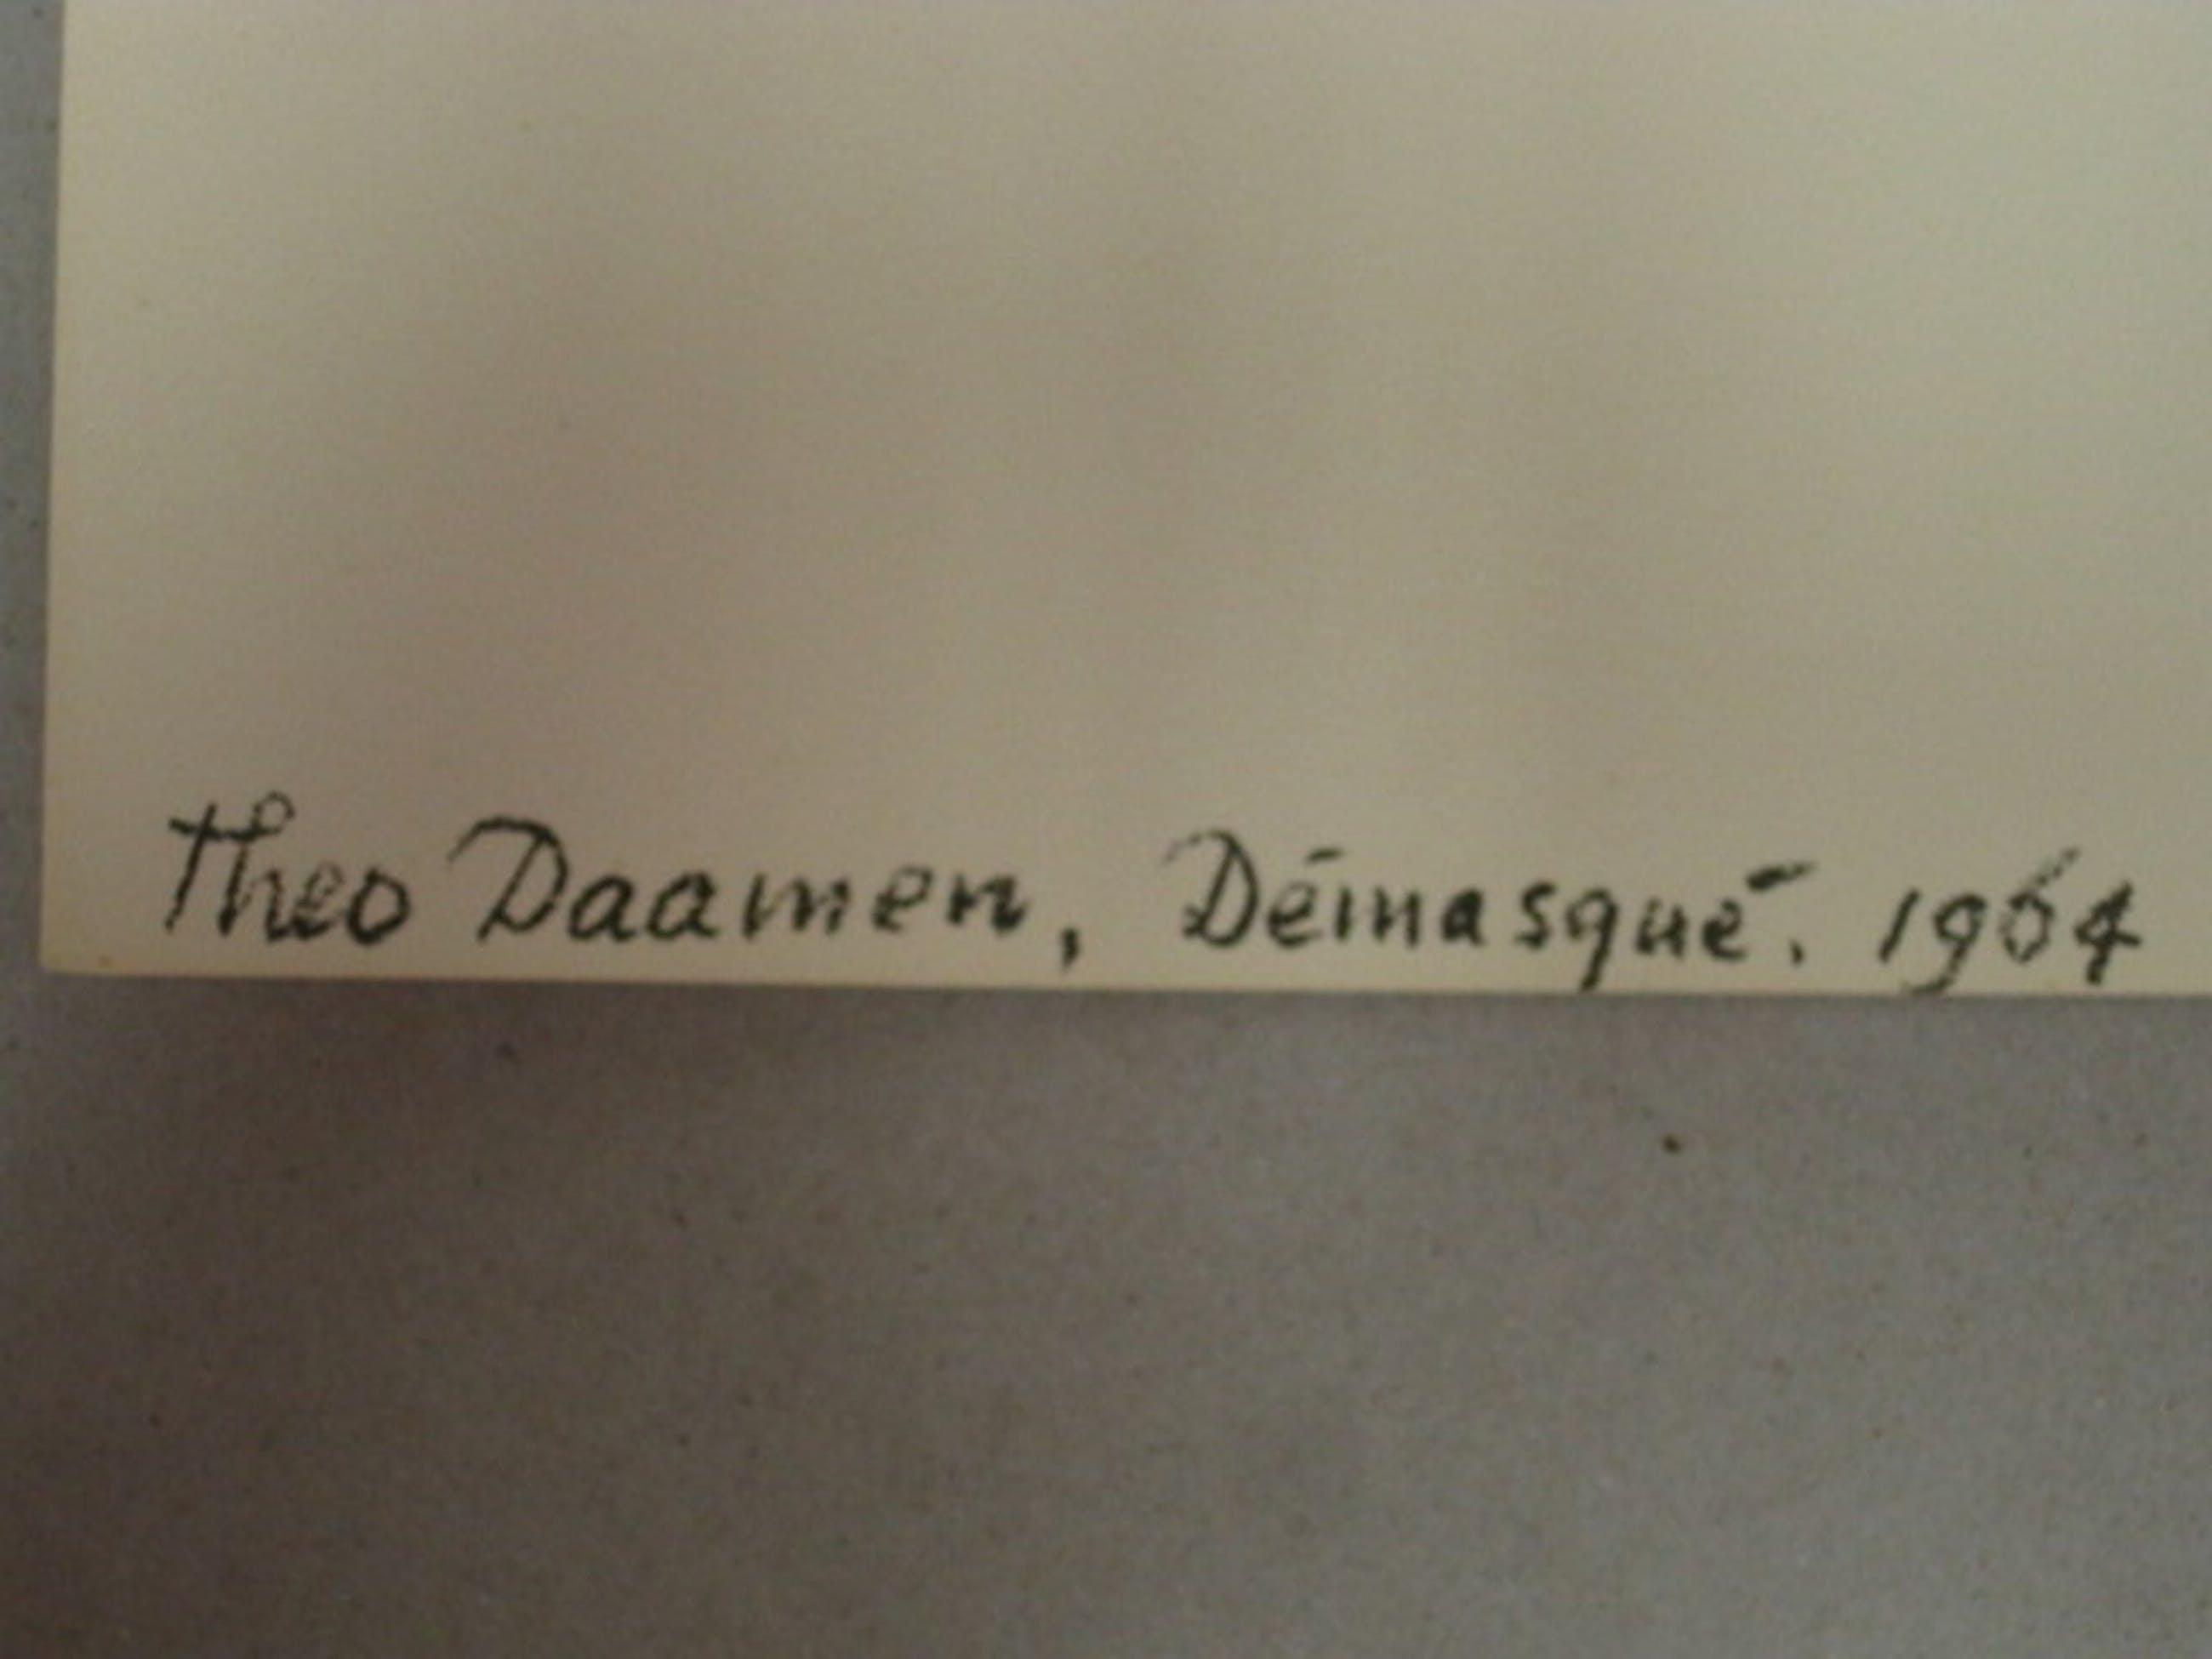 """Theo Daamen (1939-) litho """"Demasque"""" 1964 kopen? Bied vanaf 1!"""